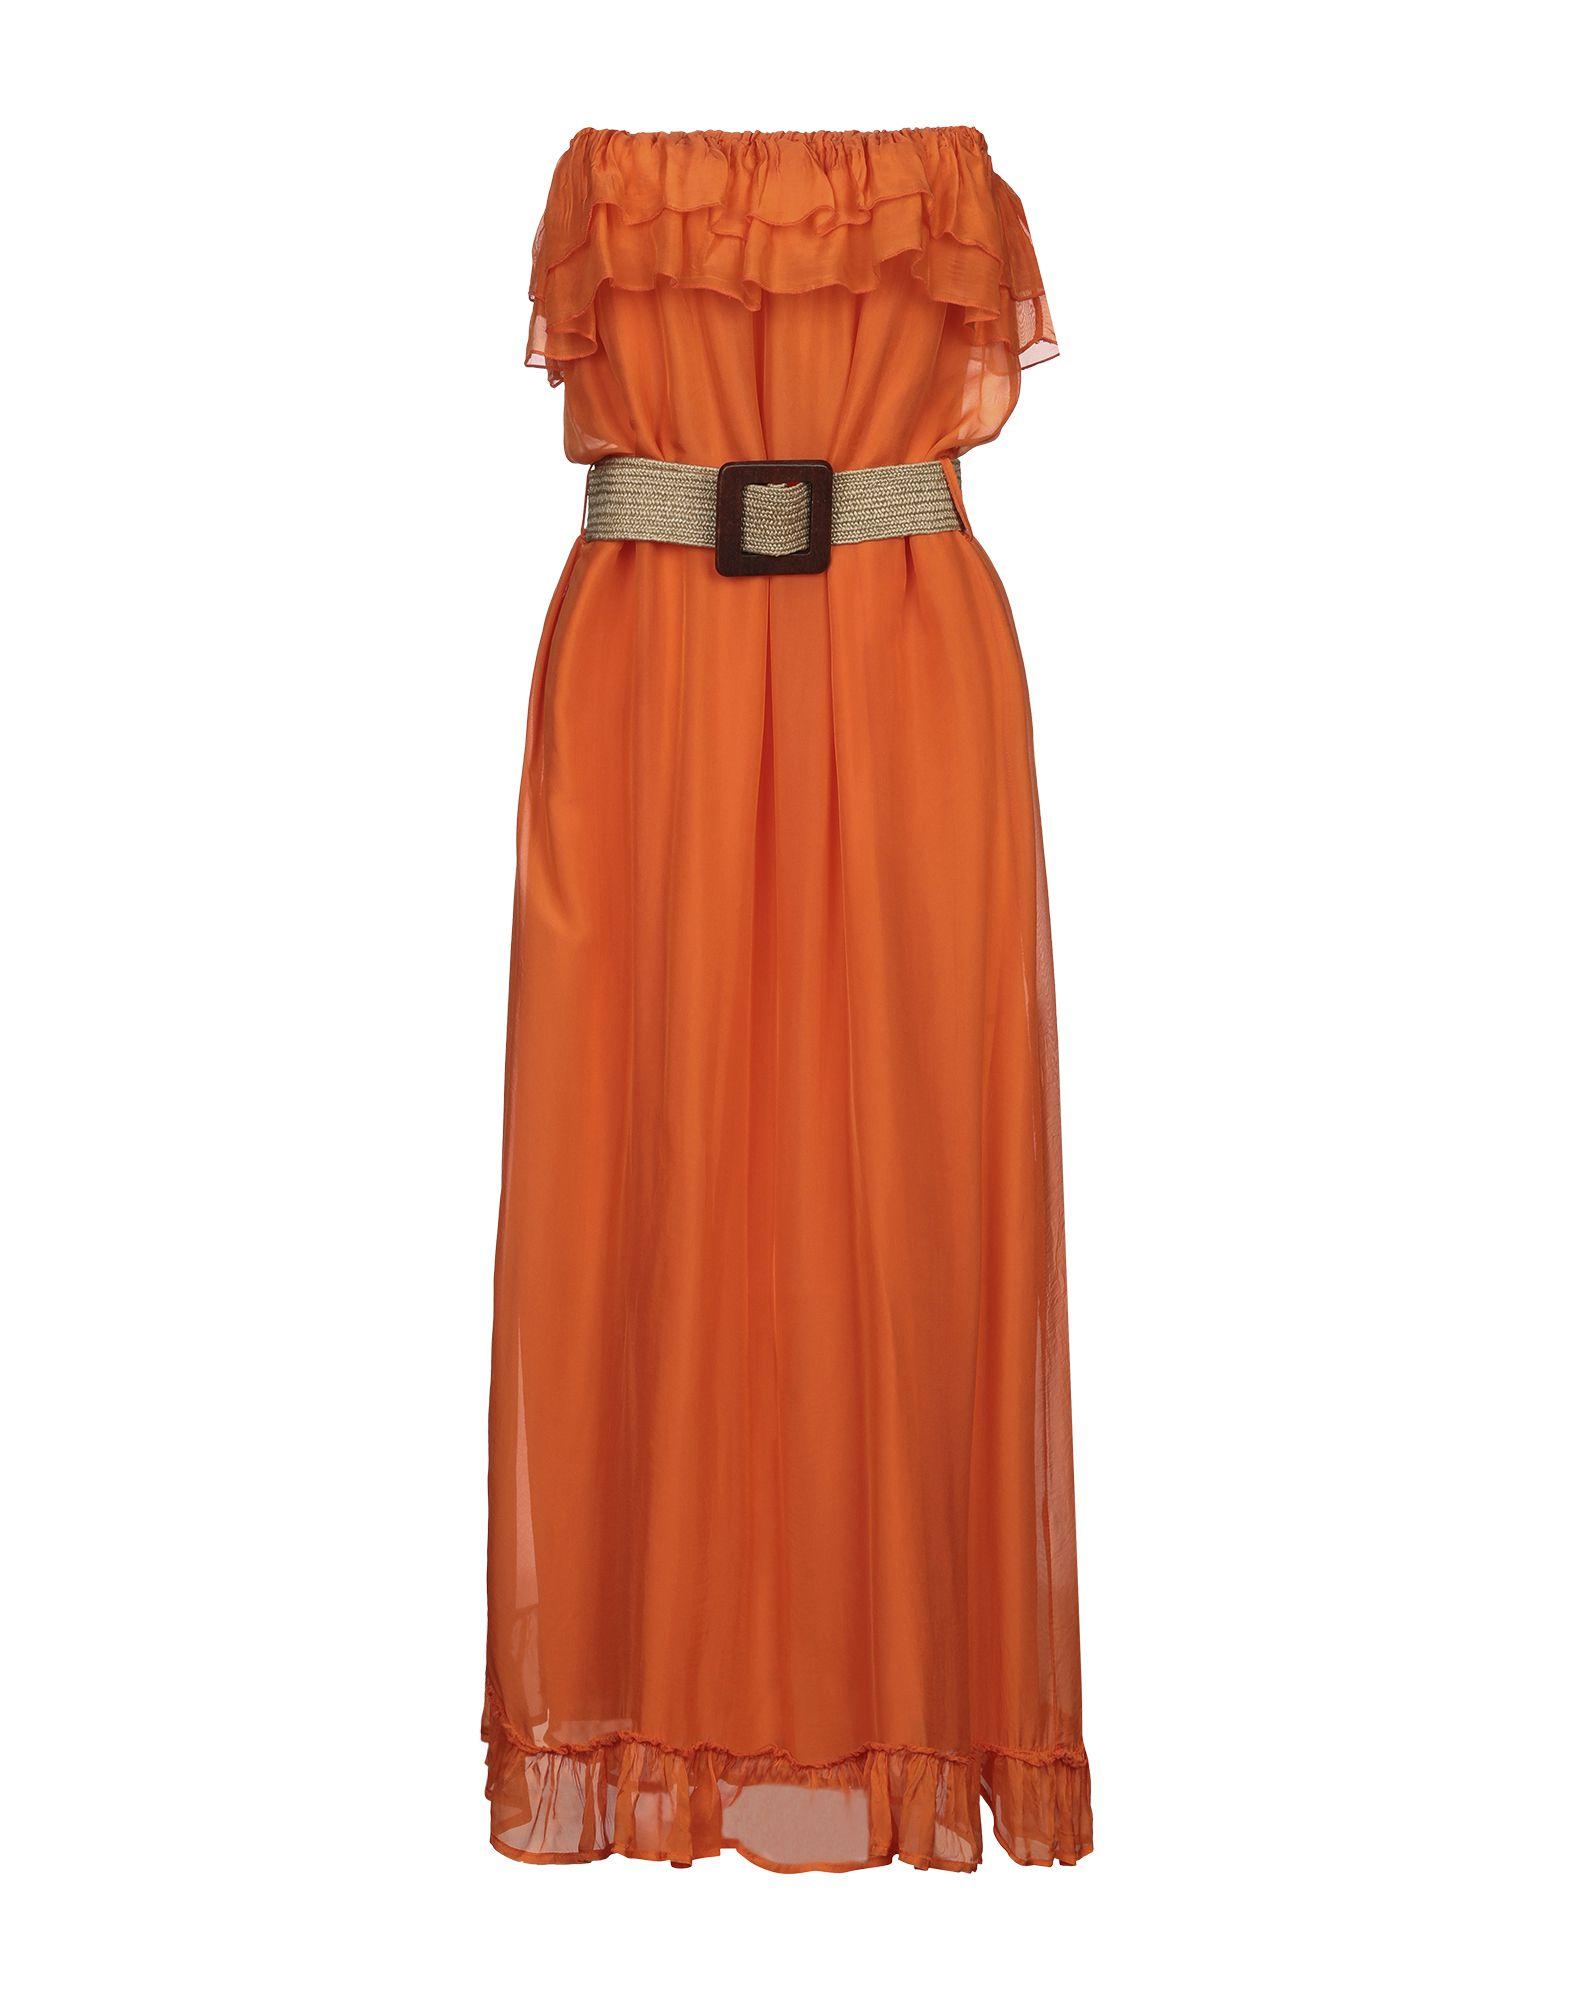 SISTE' S Длинное платье